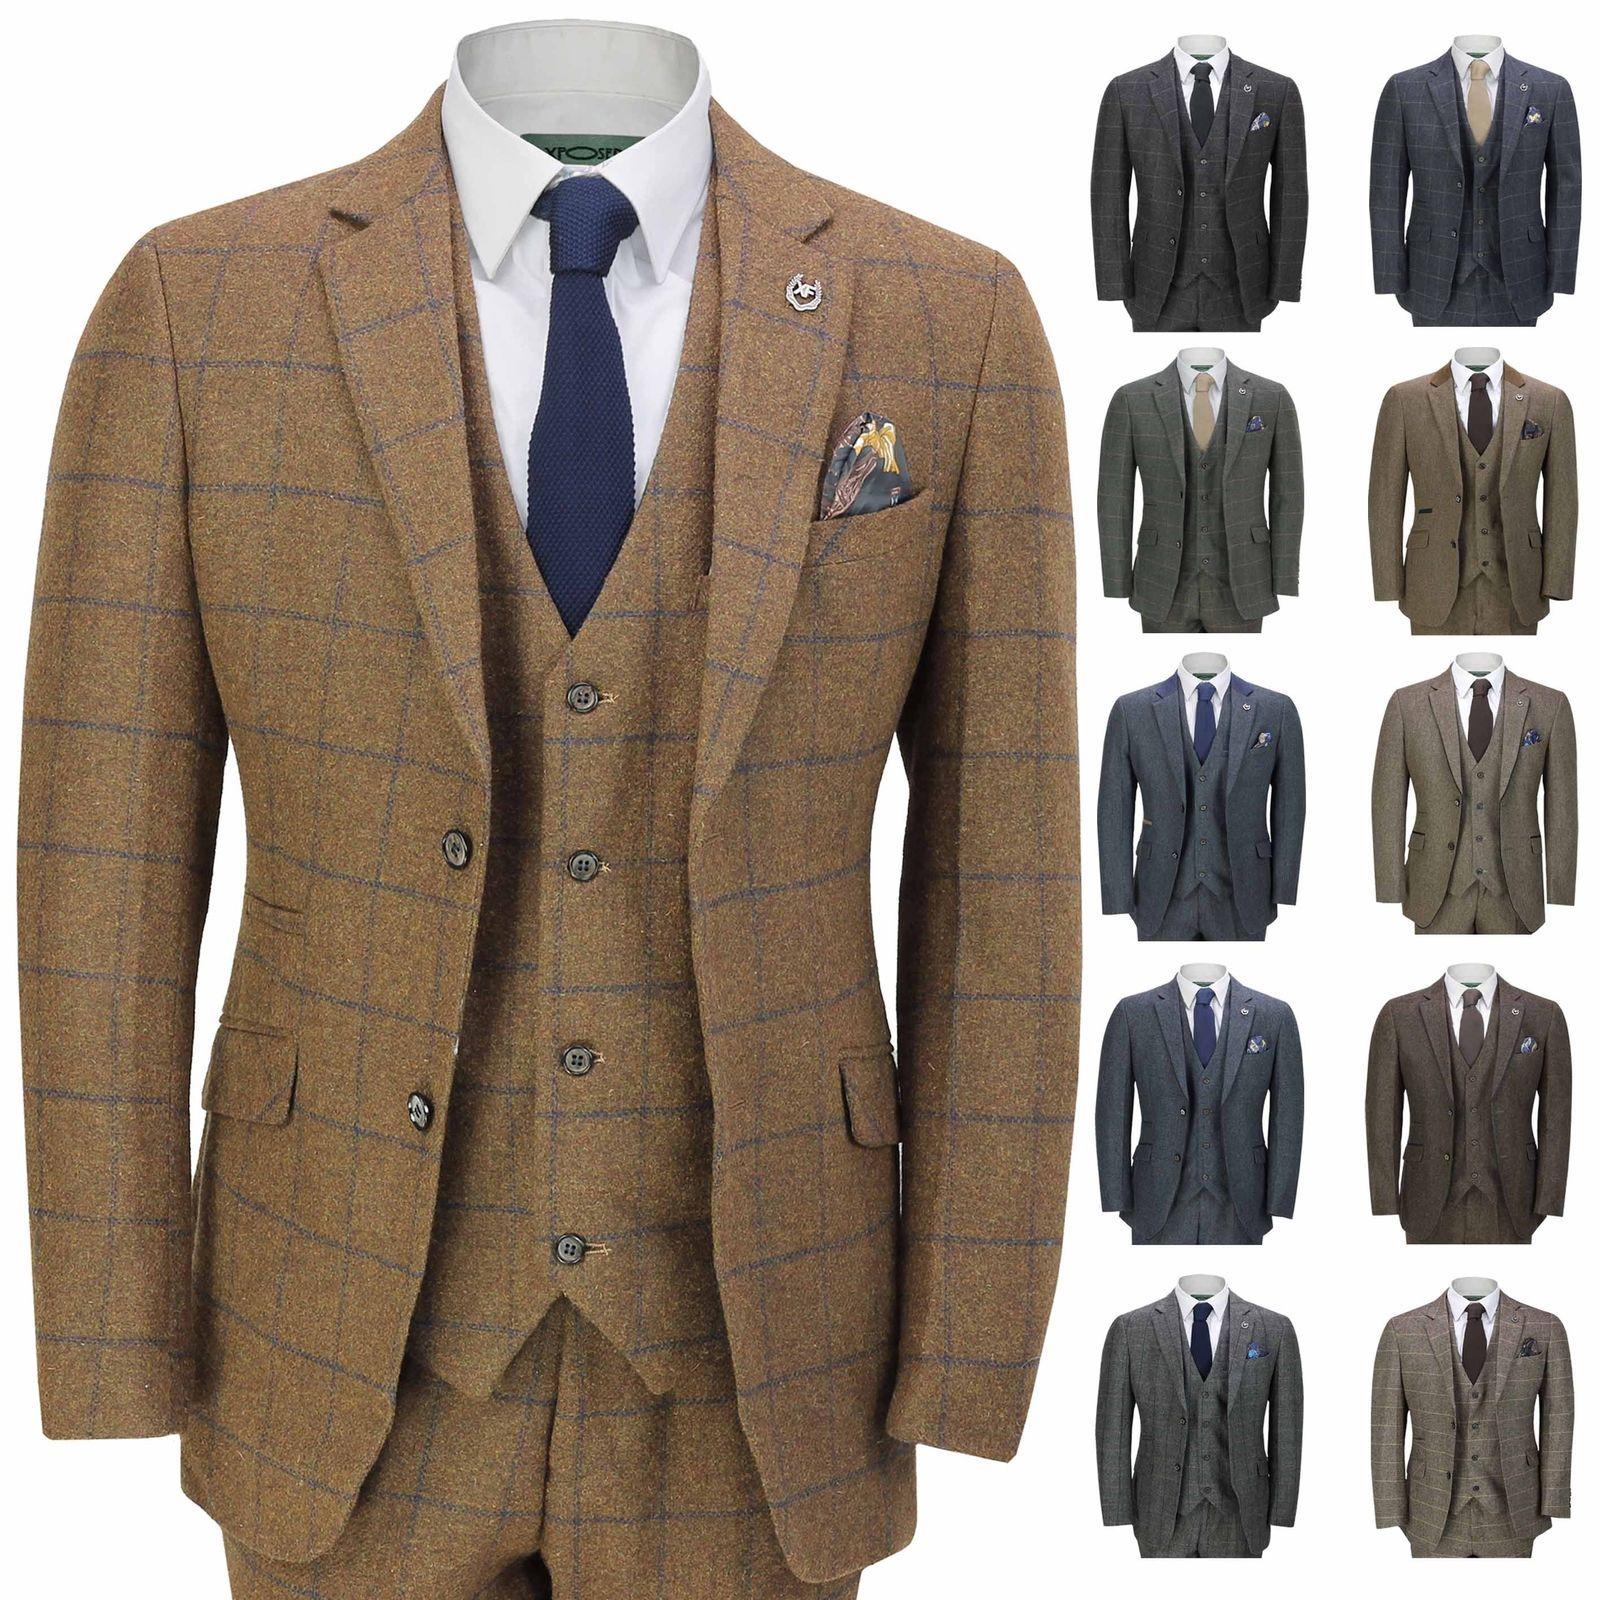 mens tweed suit herringbone check retro peaky blinders. Black Bedroom Furniture Sets. Home Design Ideas